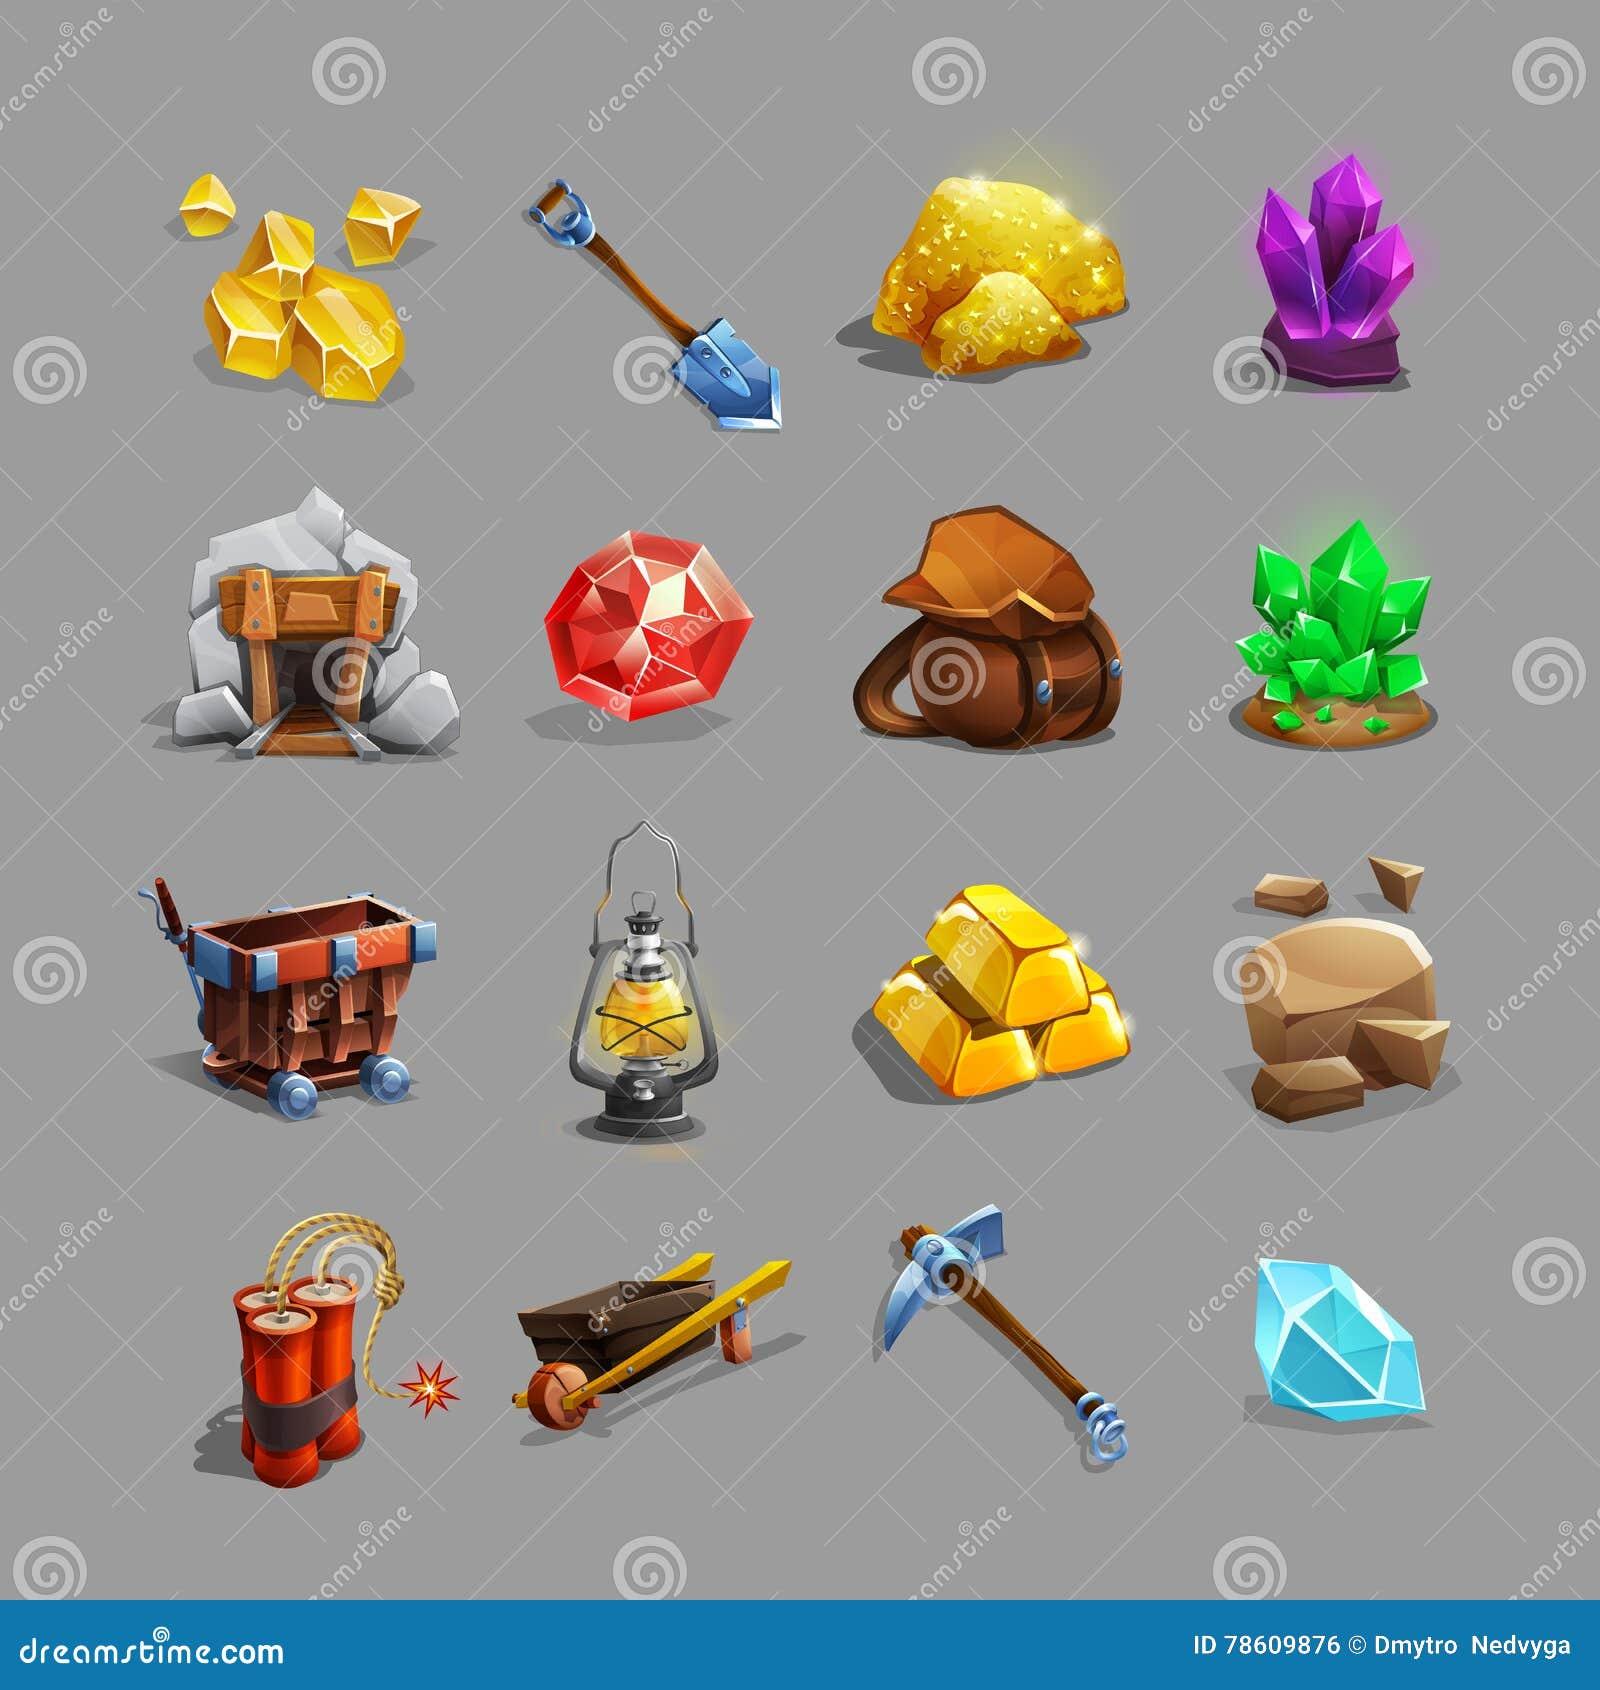 Colección de iconos de la decoración para el juego minero de la estrategia Sistema de herramientas, de piedras, de cristales, de